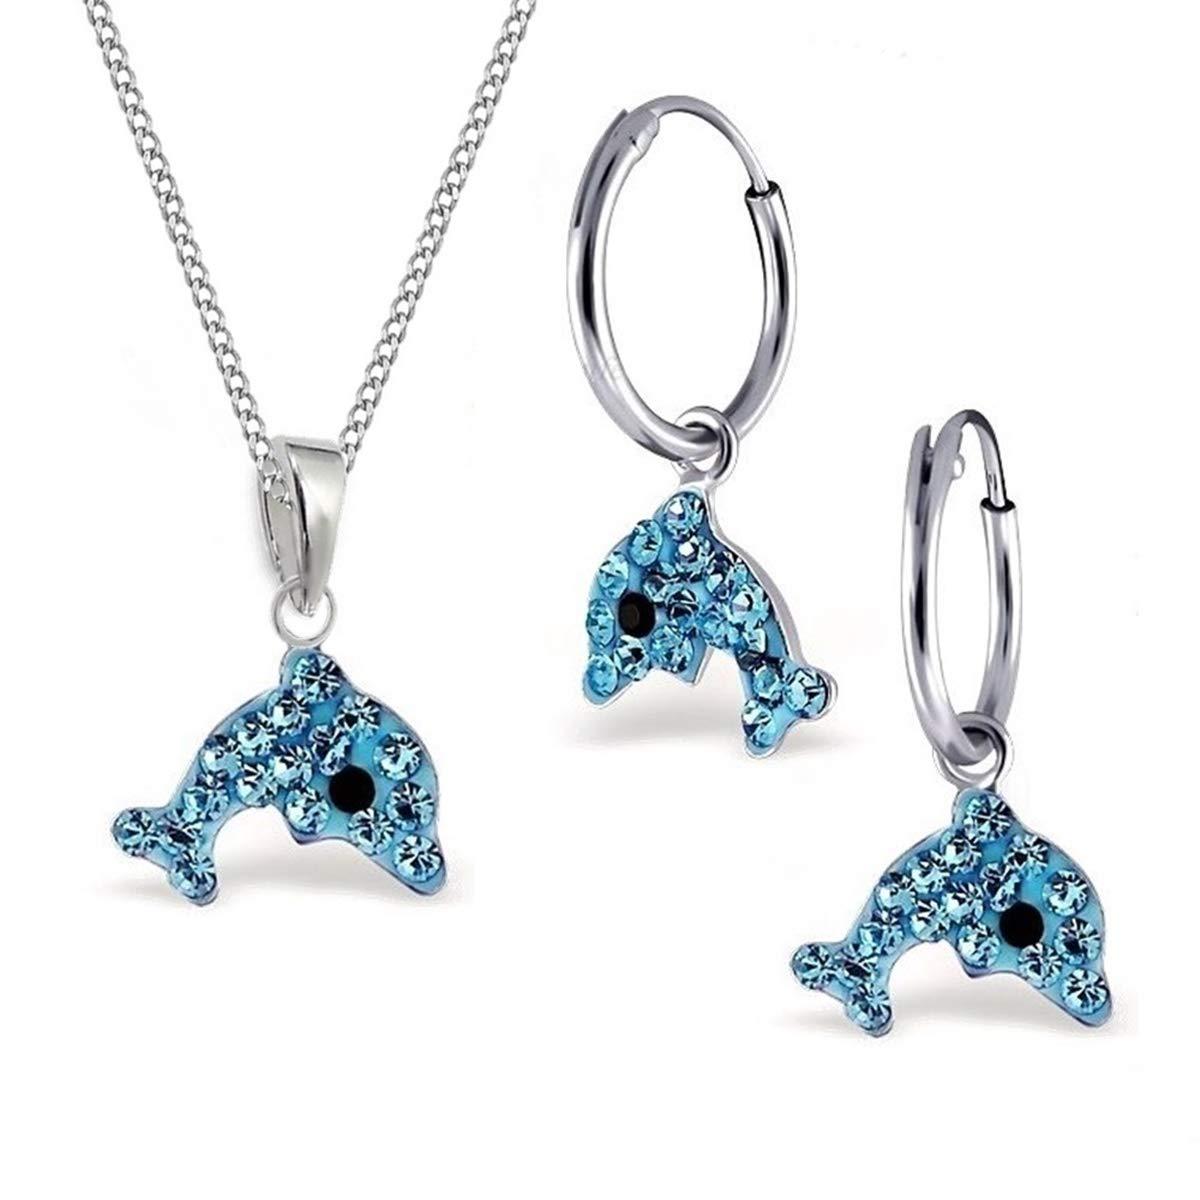 Blau Kristall Delfin Set Anhänger + Kette + Creolen 925 Sterling Silber Kinder Mädchen Delphin Ohrringe GH-1a S-0LJ9BL